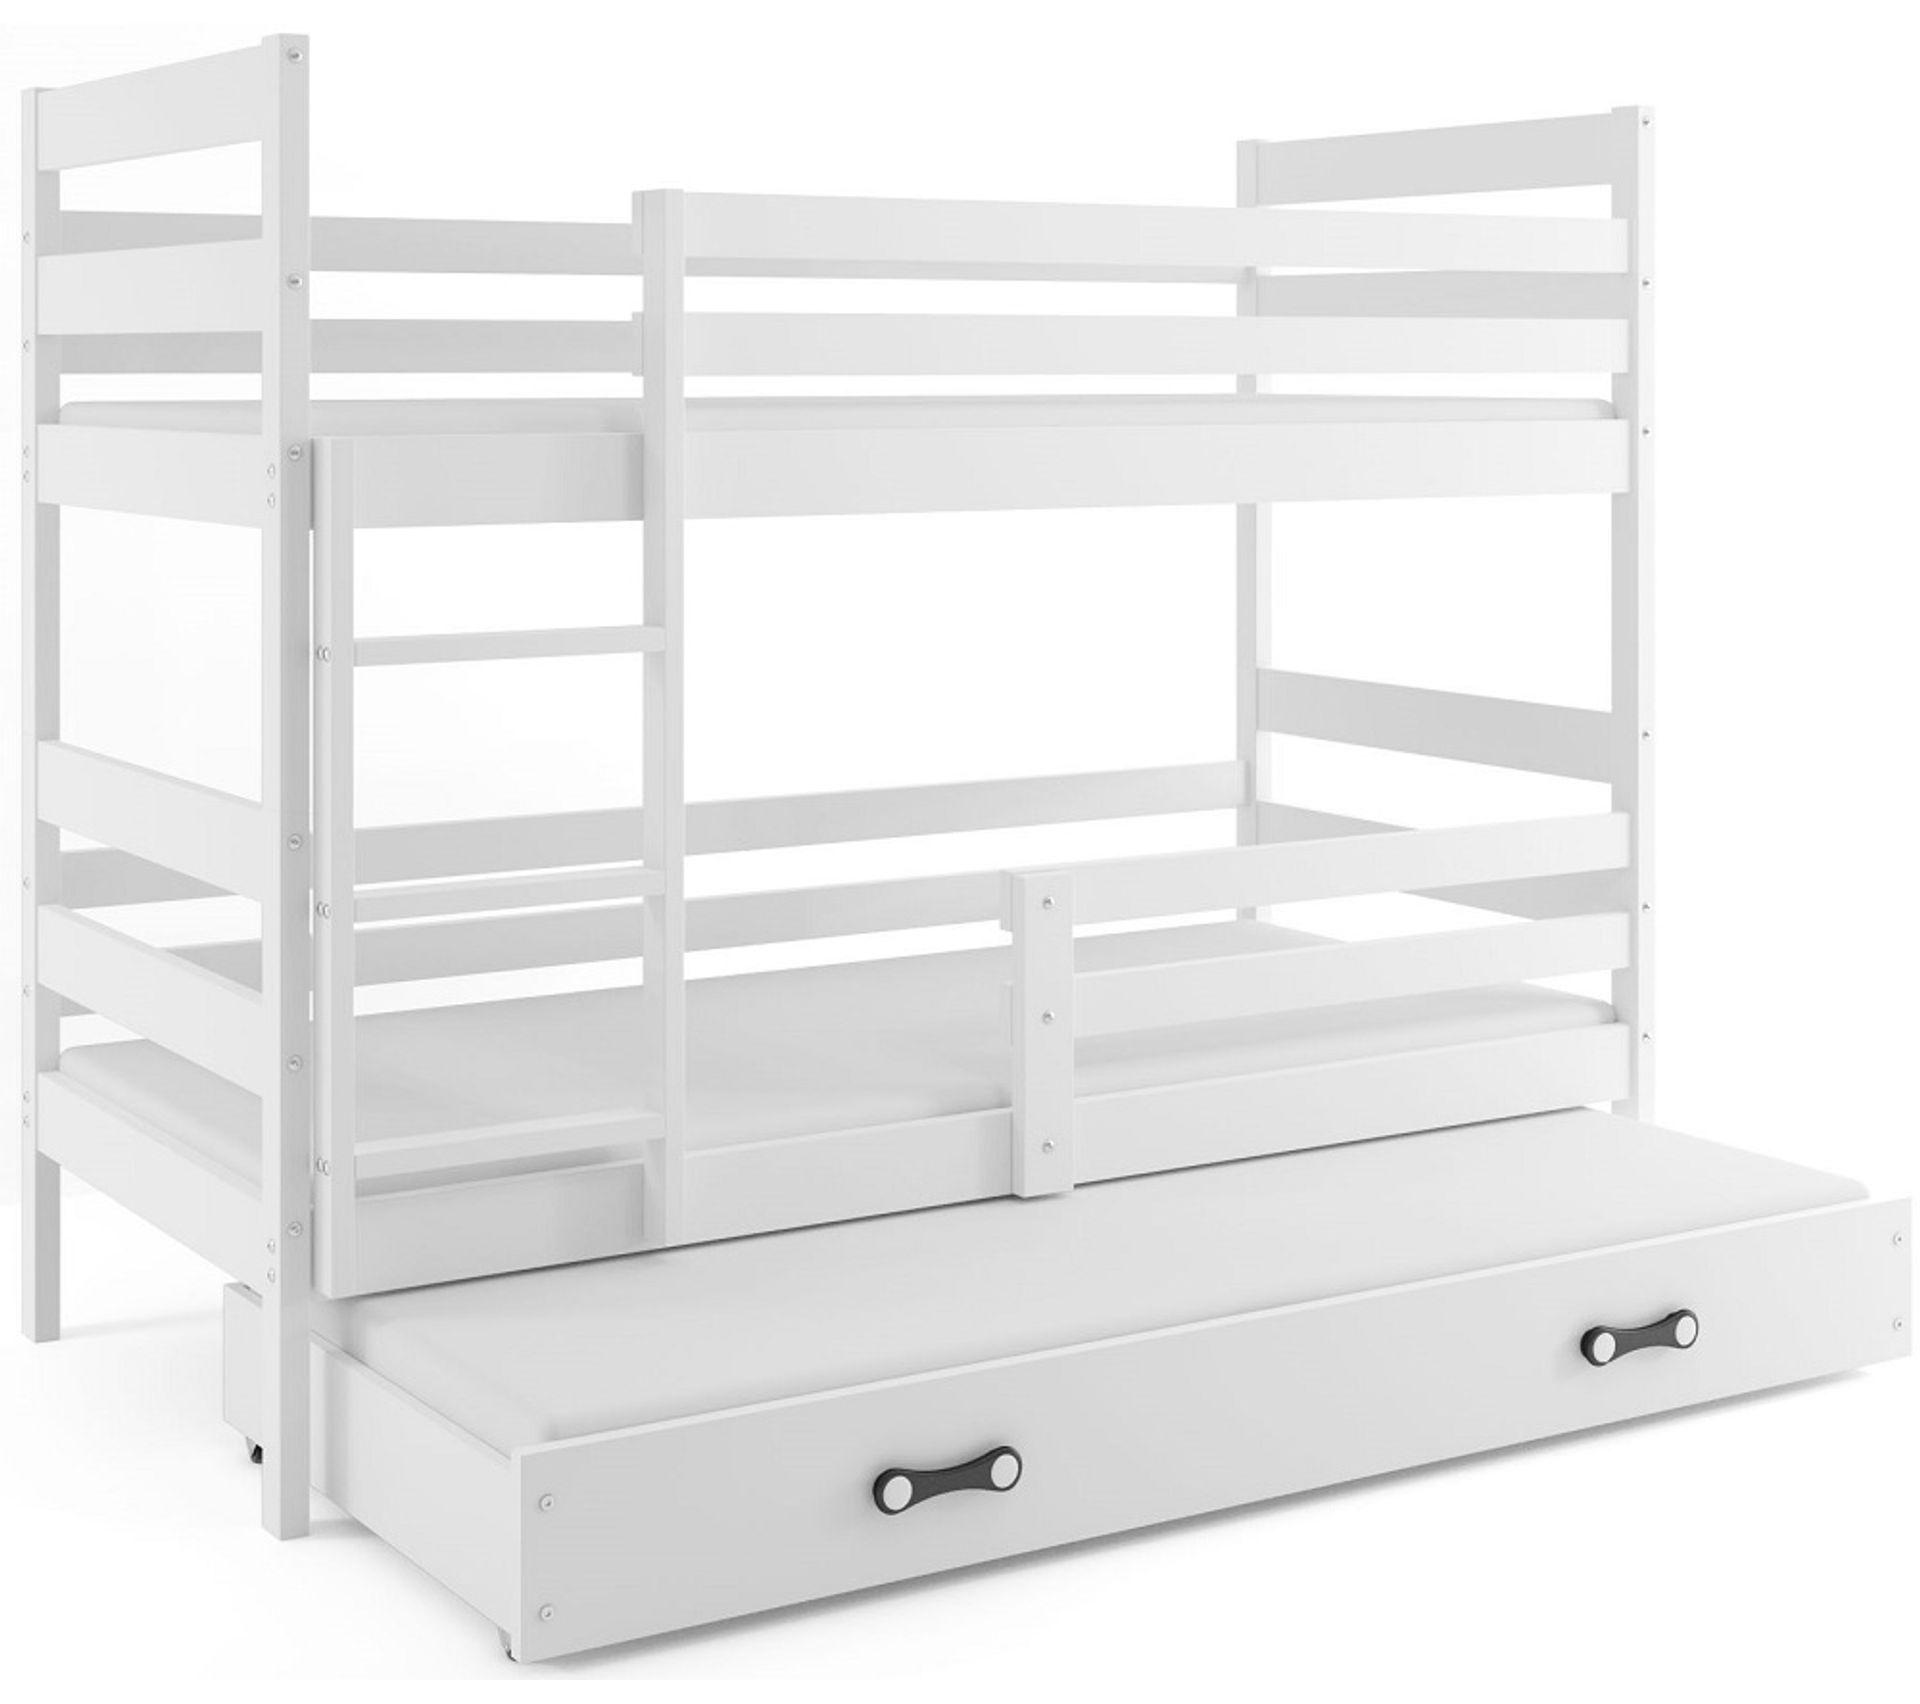 lit superpose eryk 160x80 pour 3 personnes avec matelas sommiers et tiroir en blanc blanc